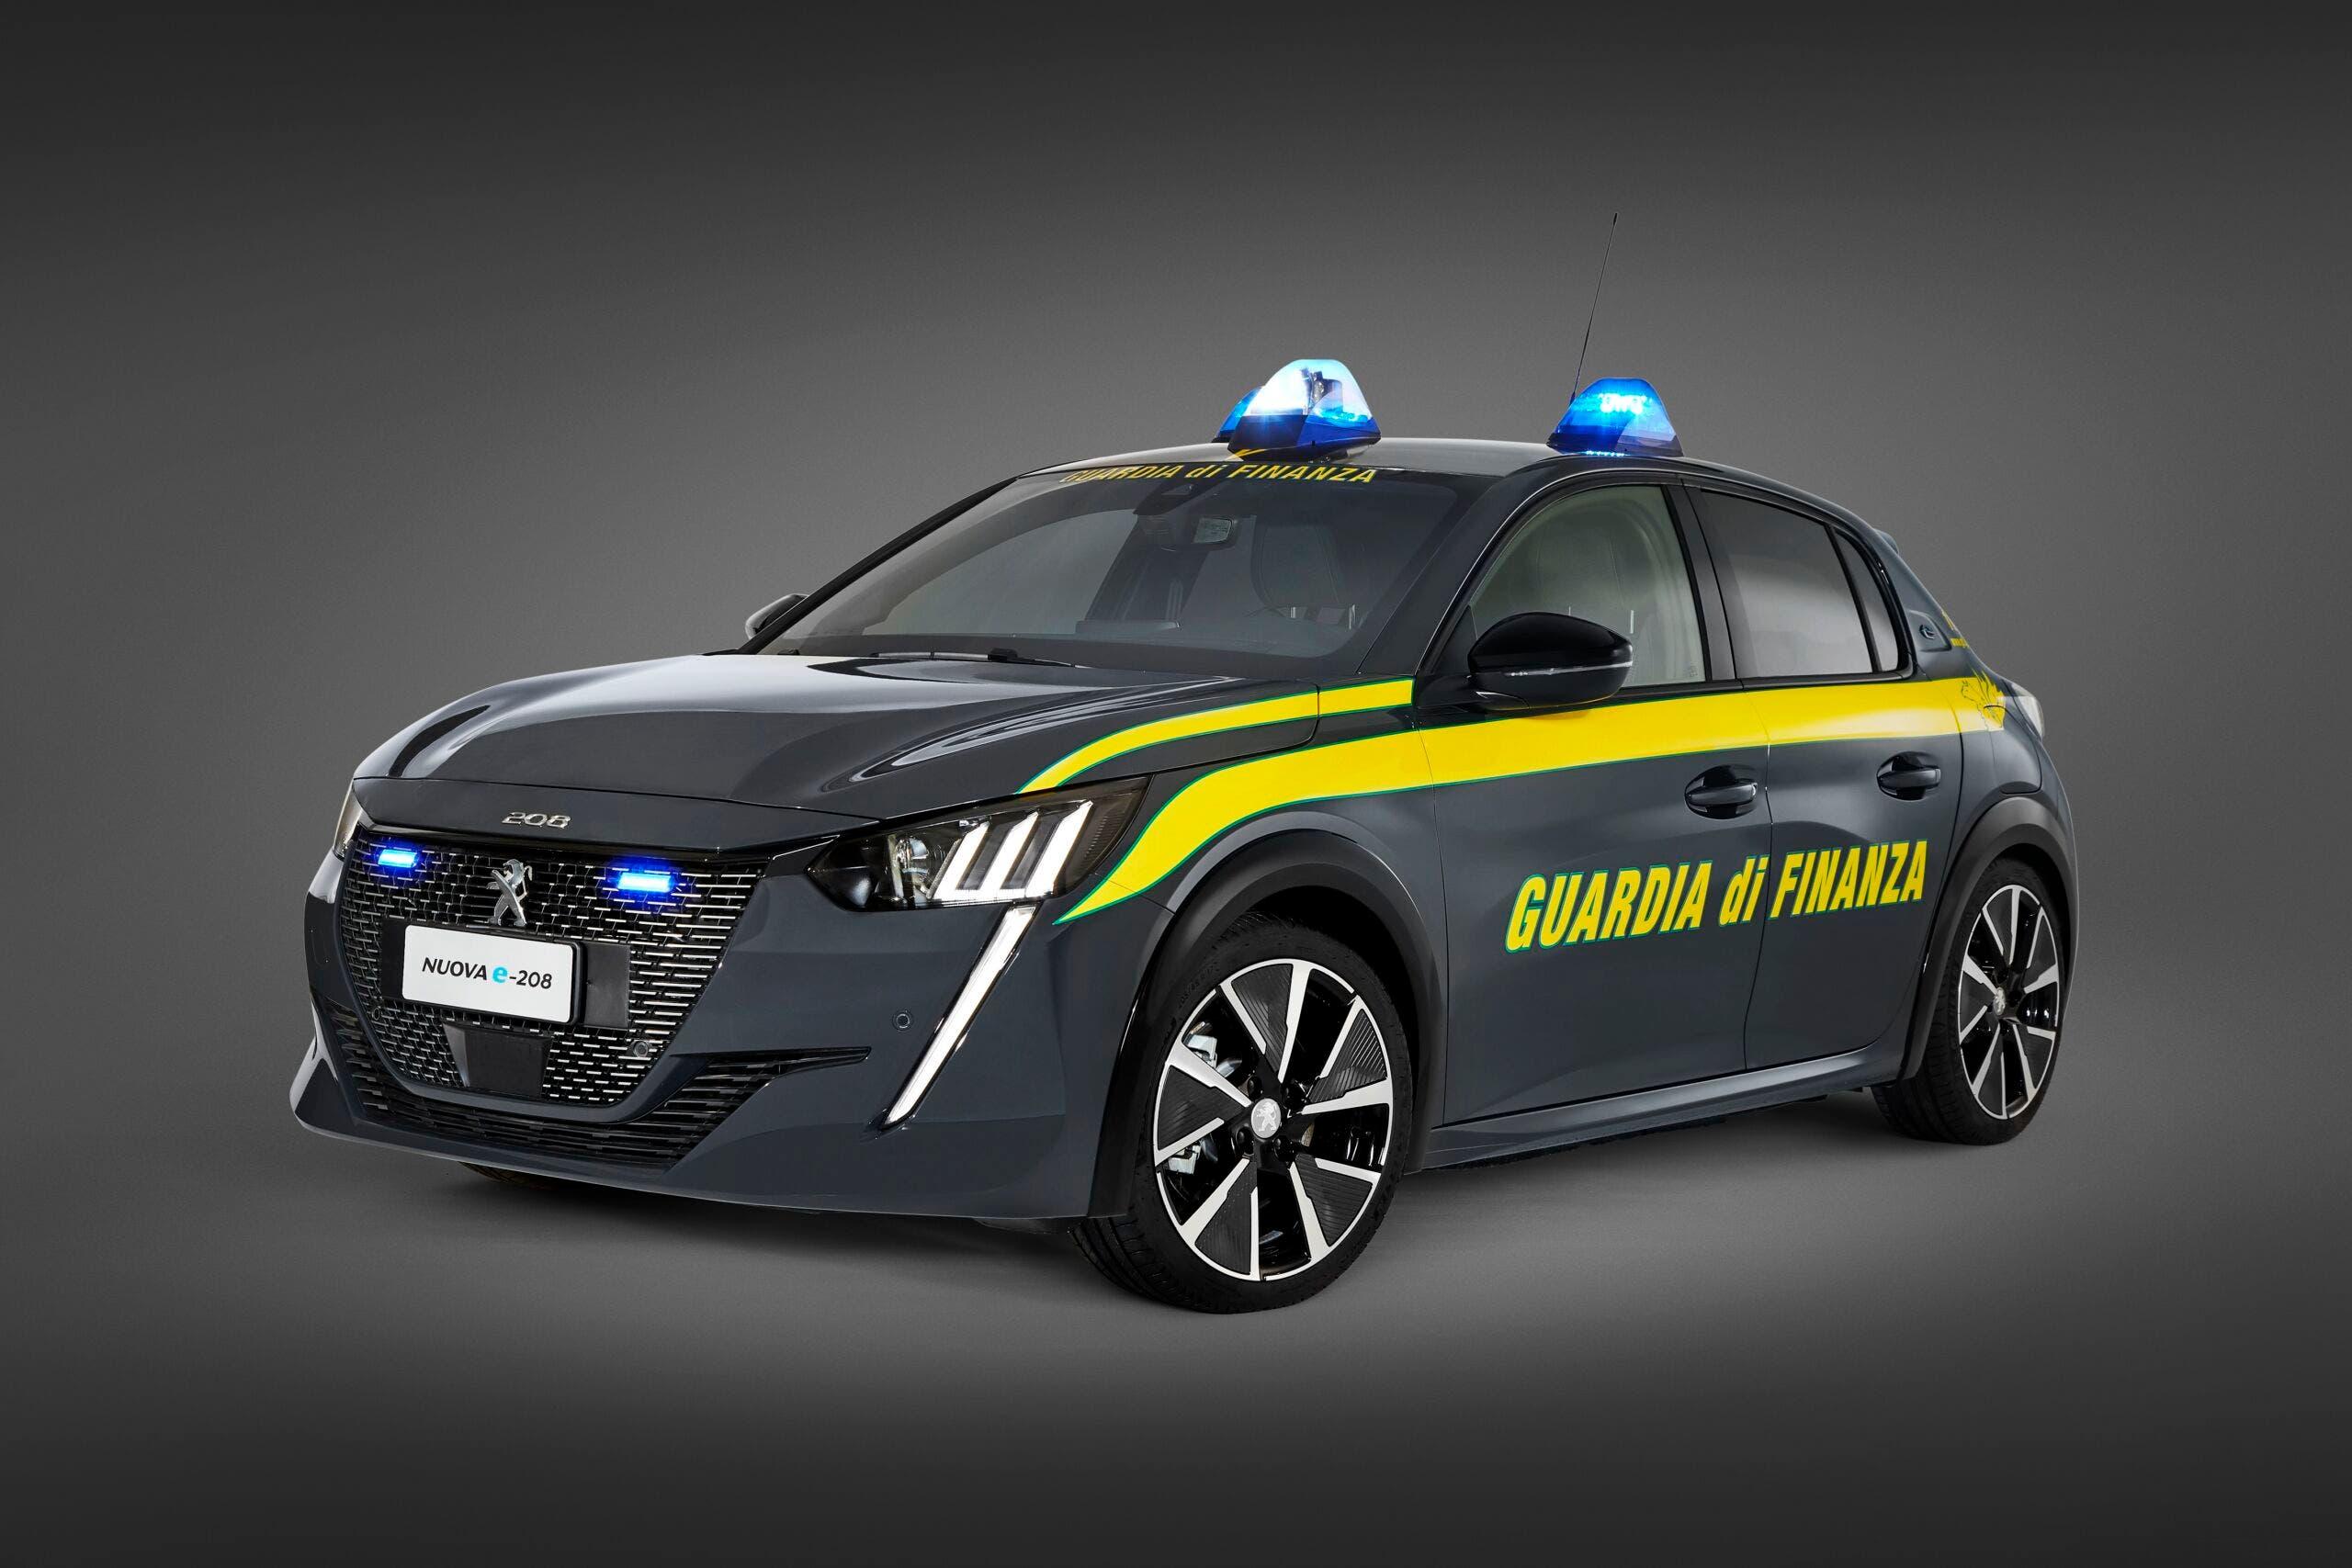 Peugeot e-208 Guardia di Finanza